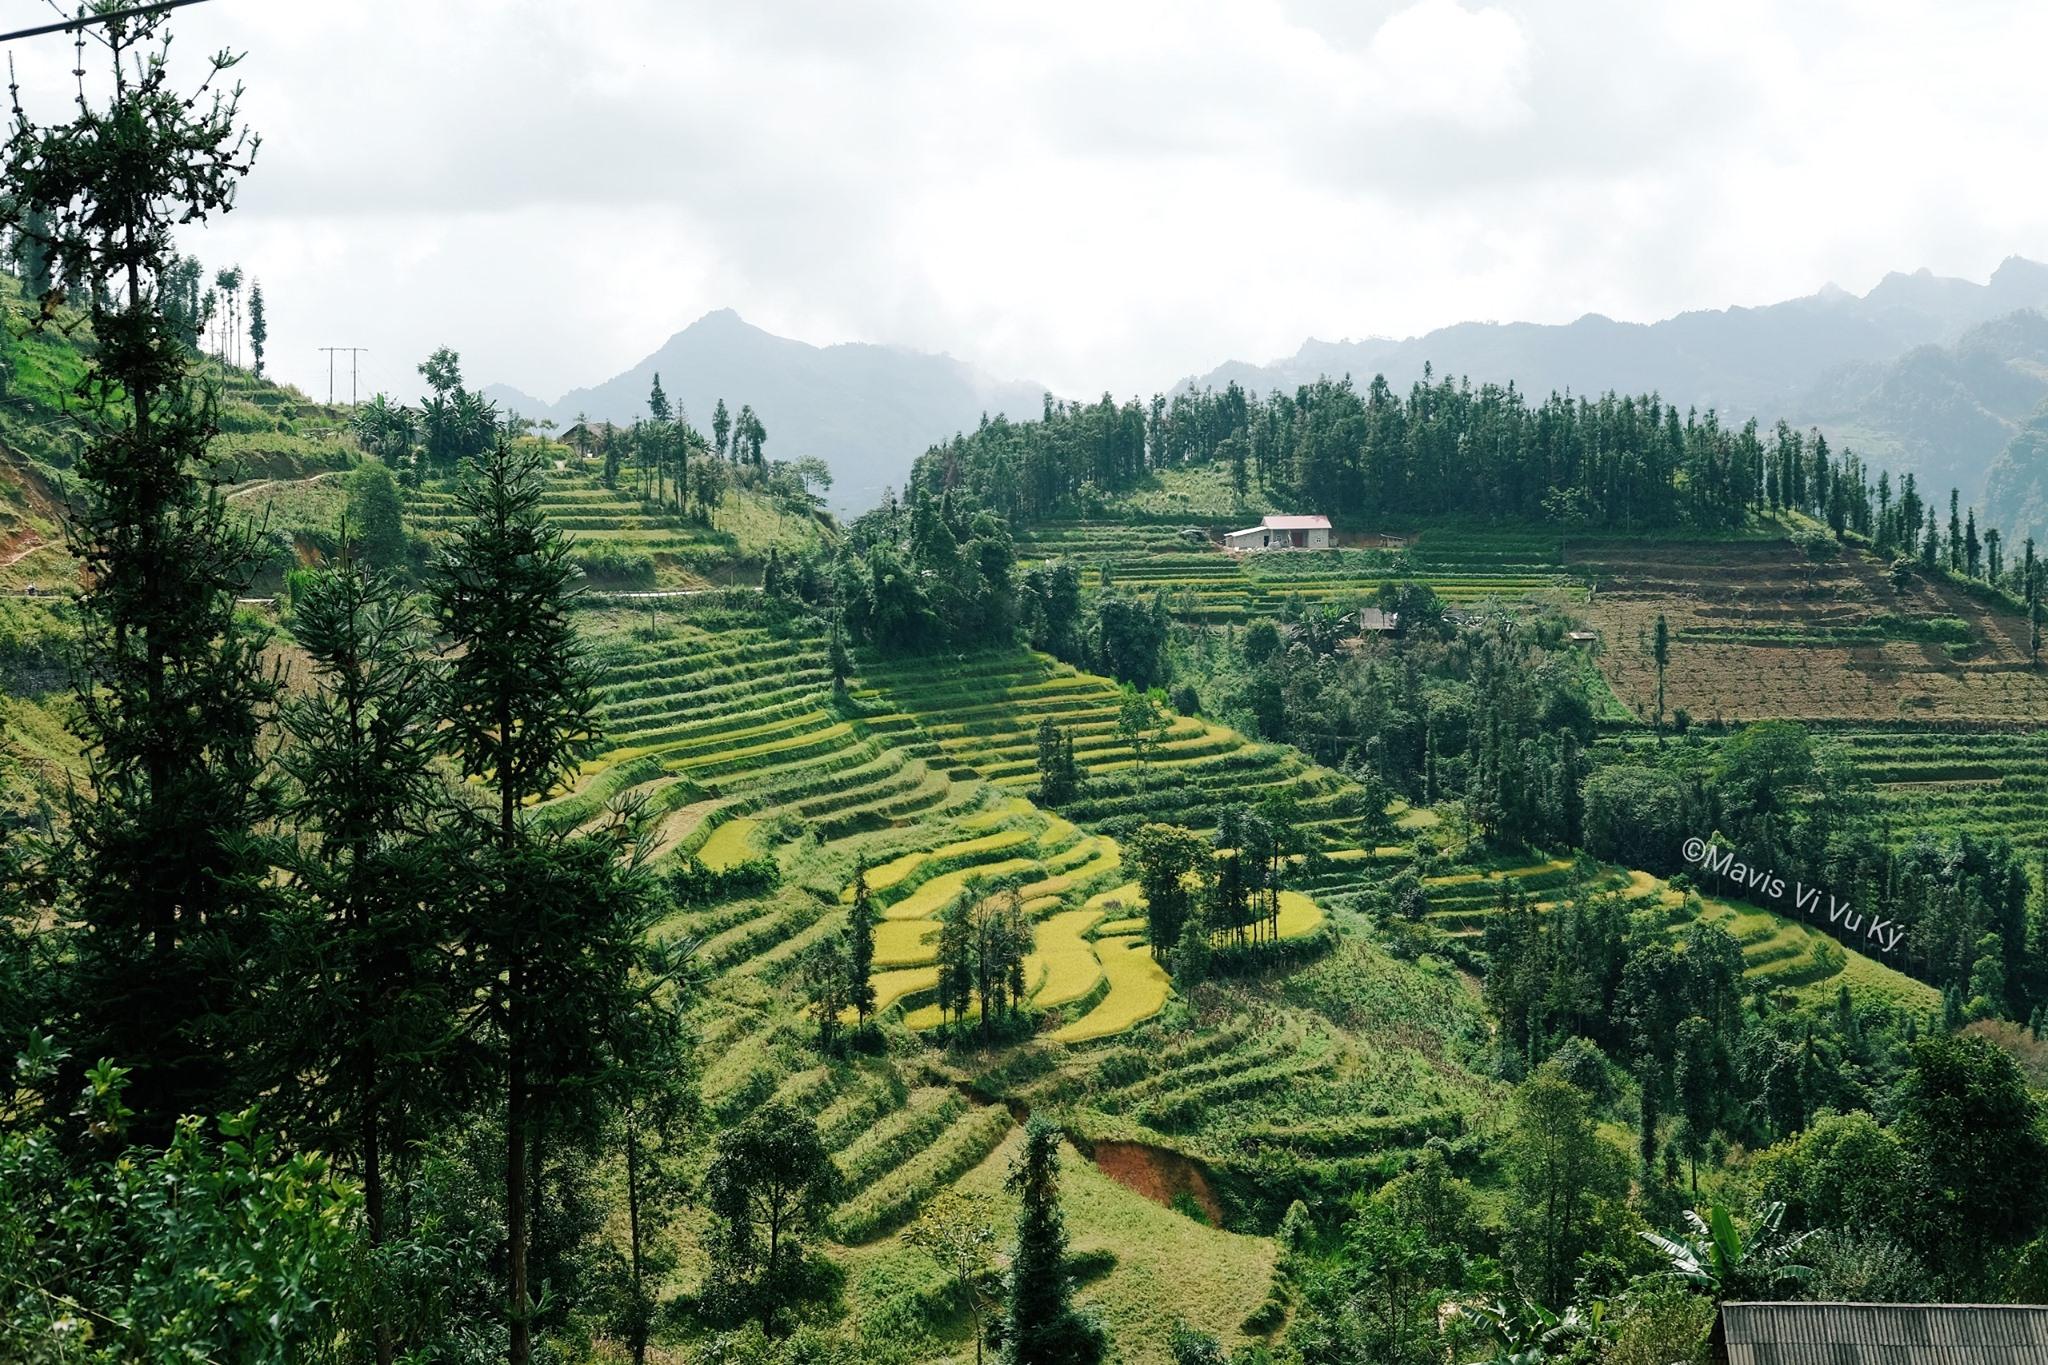 Thung lũng ruộng bậc thang dưới ánh nắng óng vàng